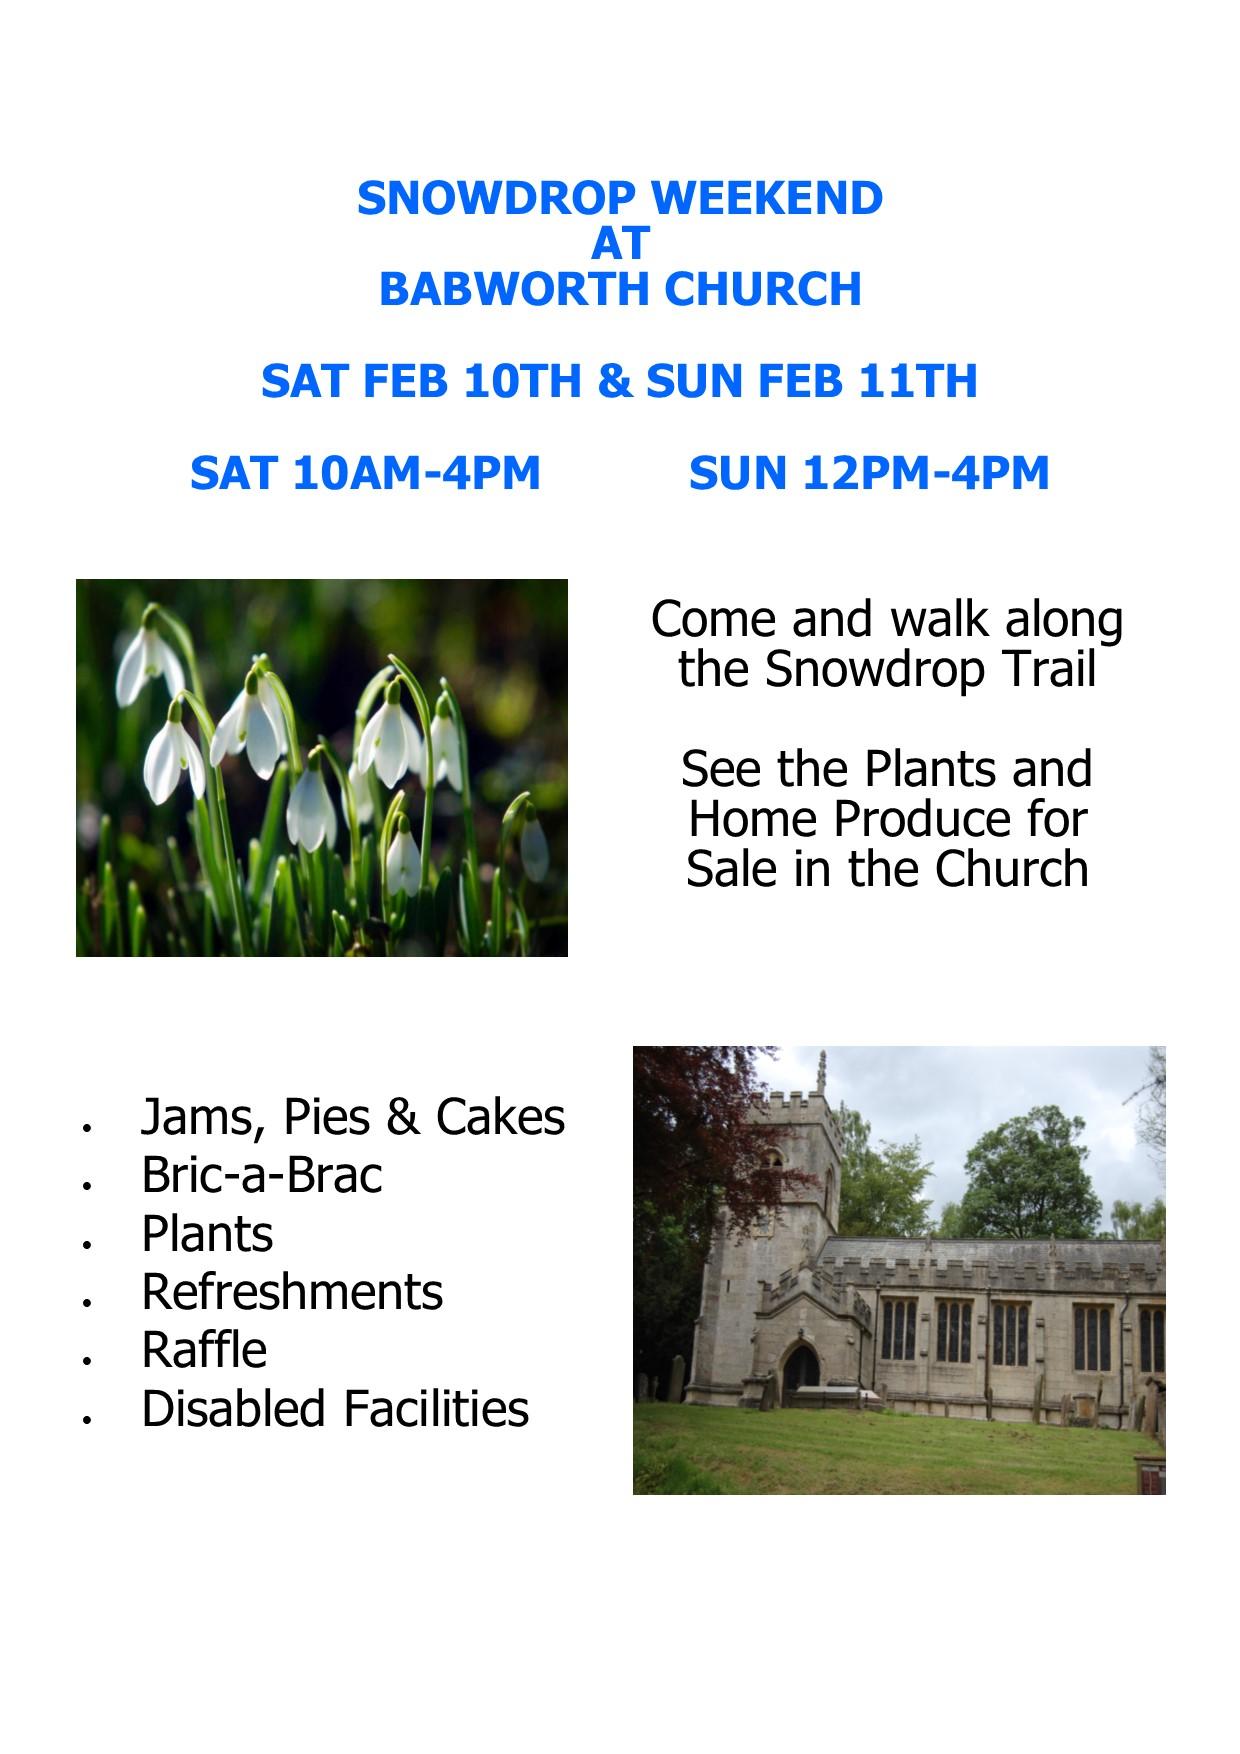 Babworth Snowdrop Weekend 2018